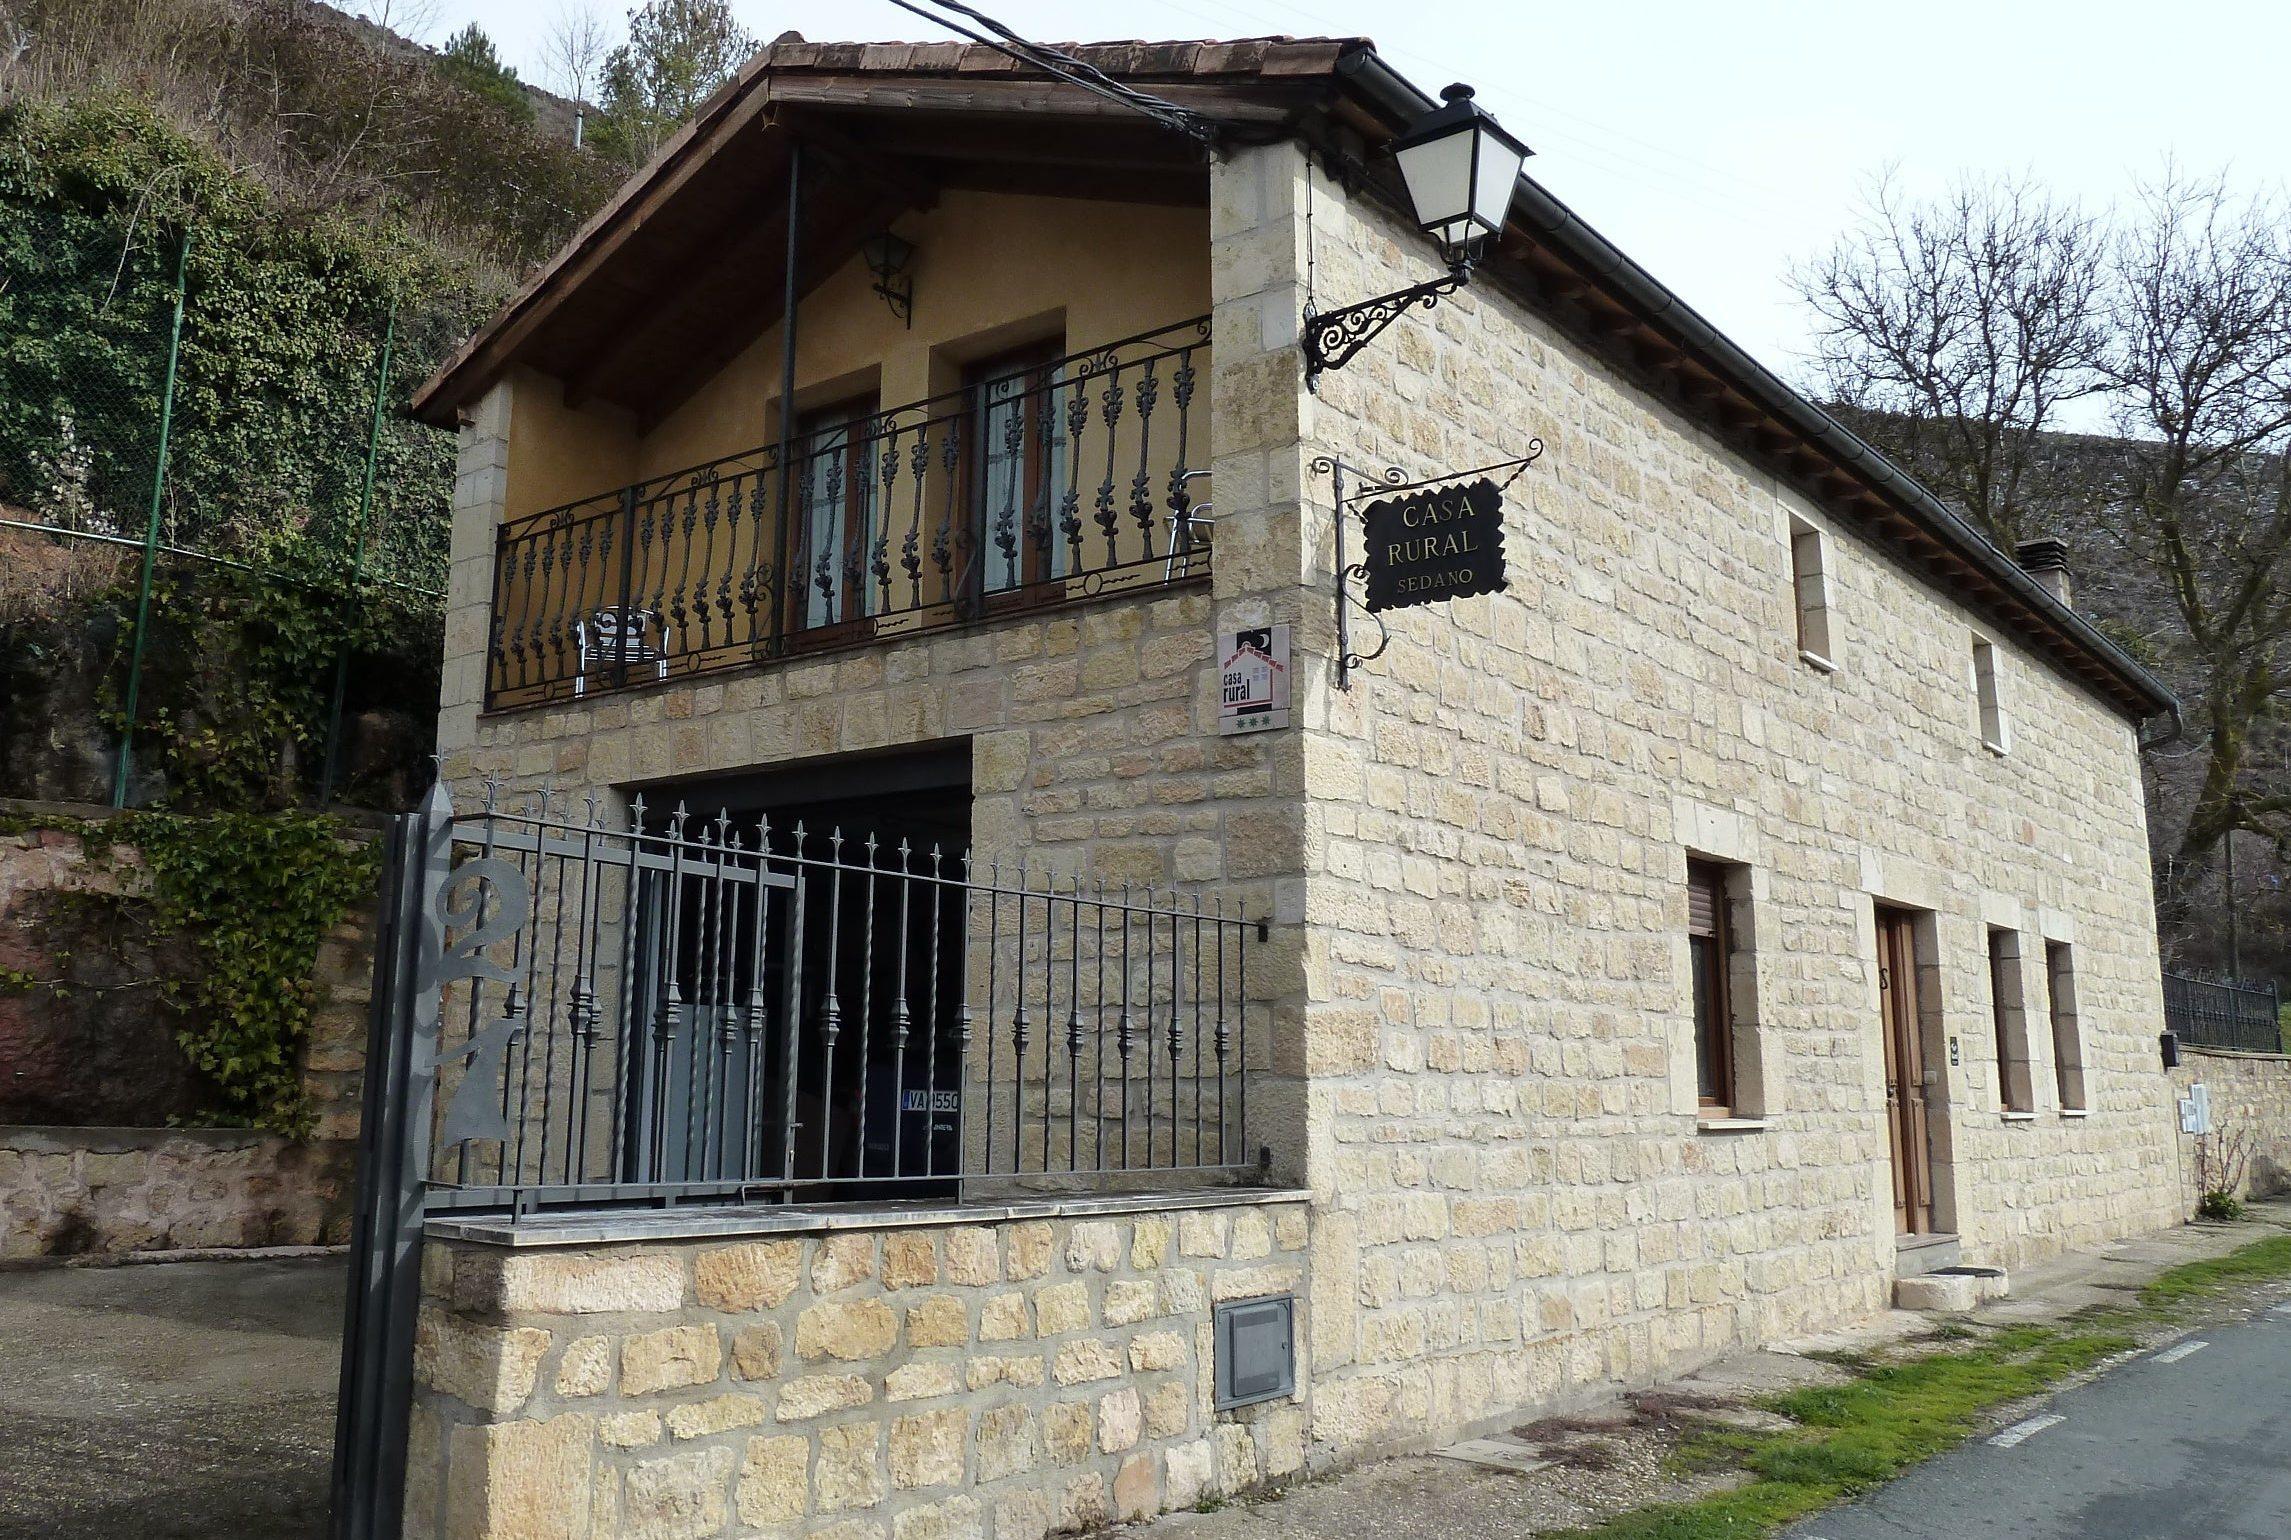 casarural sedano 1 e1587743684785 - Where to rest-Hoces Alto Ebro